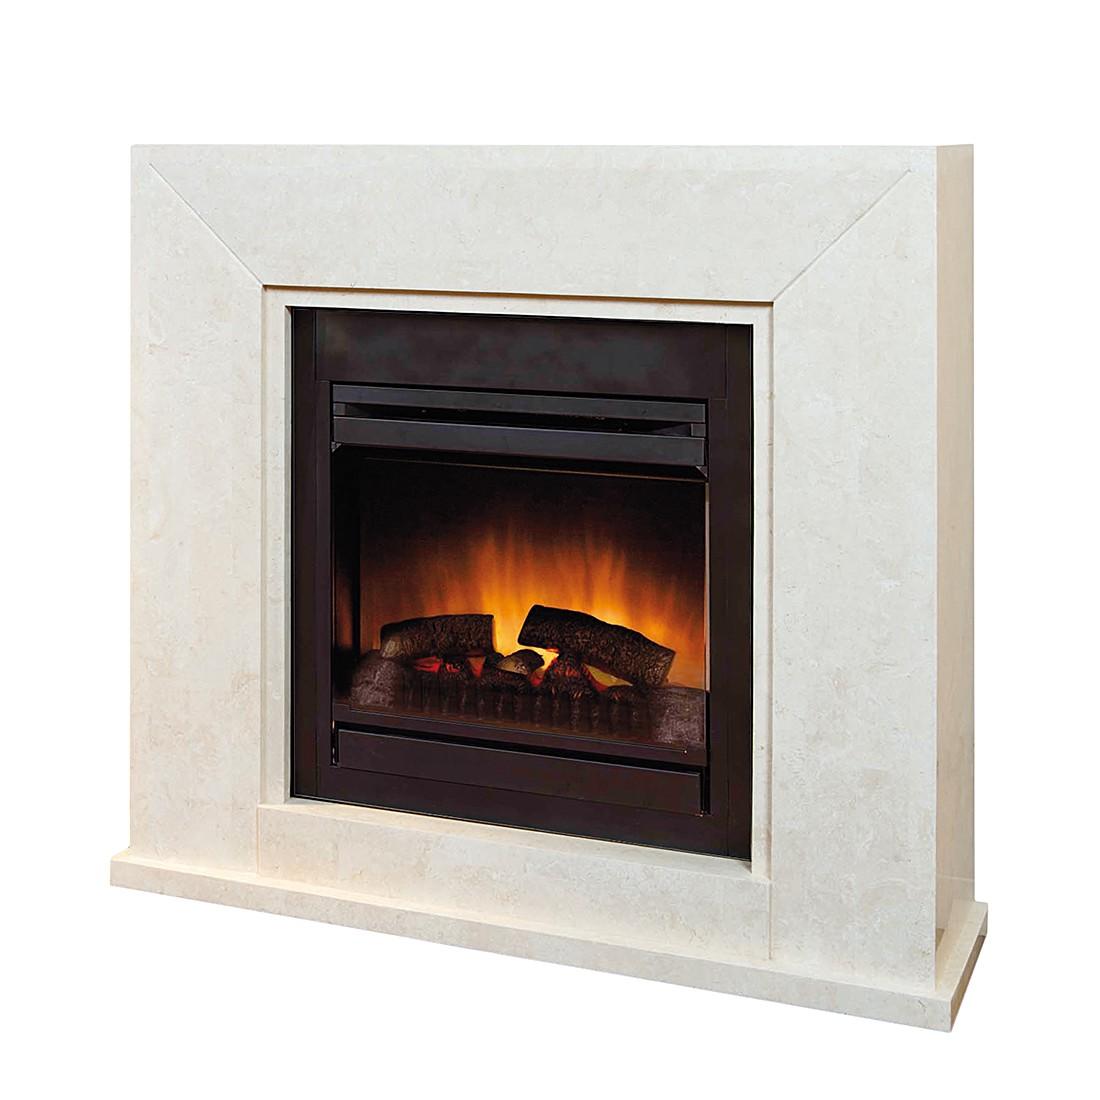 Home 24 - Eek a+, cheminée électrique nero : avec chauffage, commande à distance et fonction de gradation, ruby fires